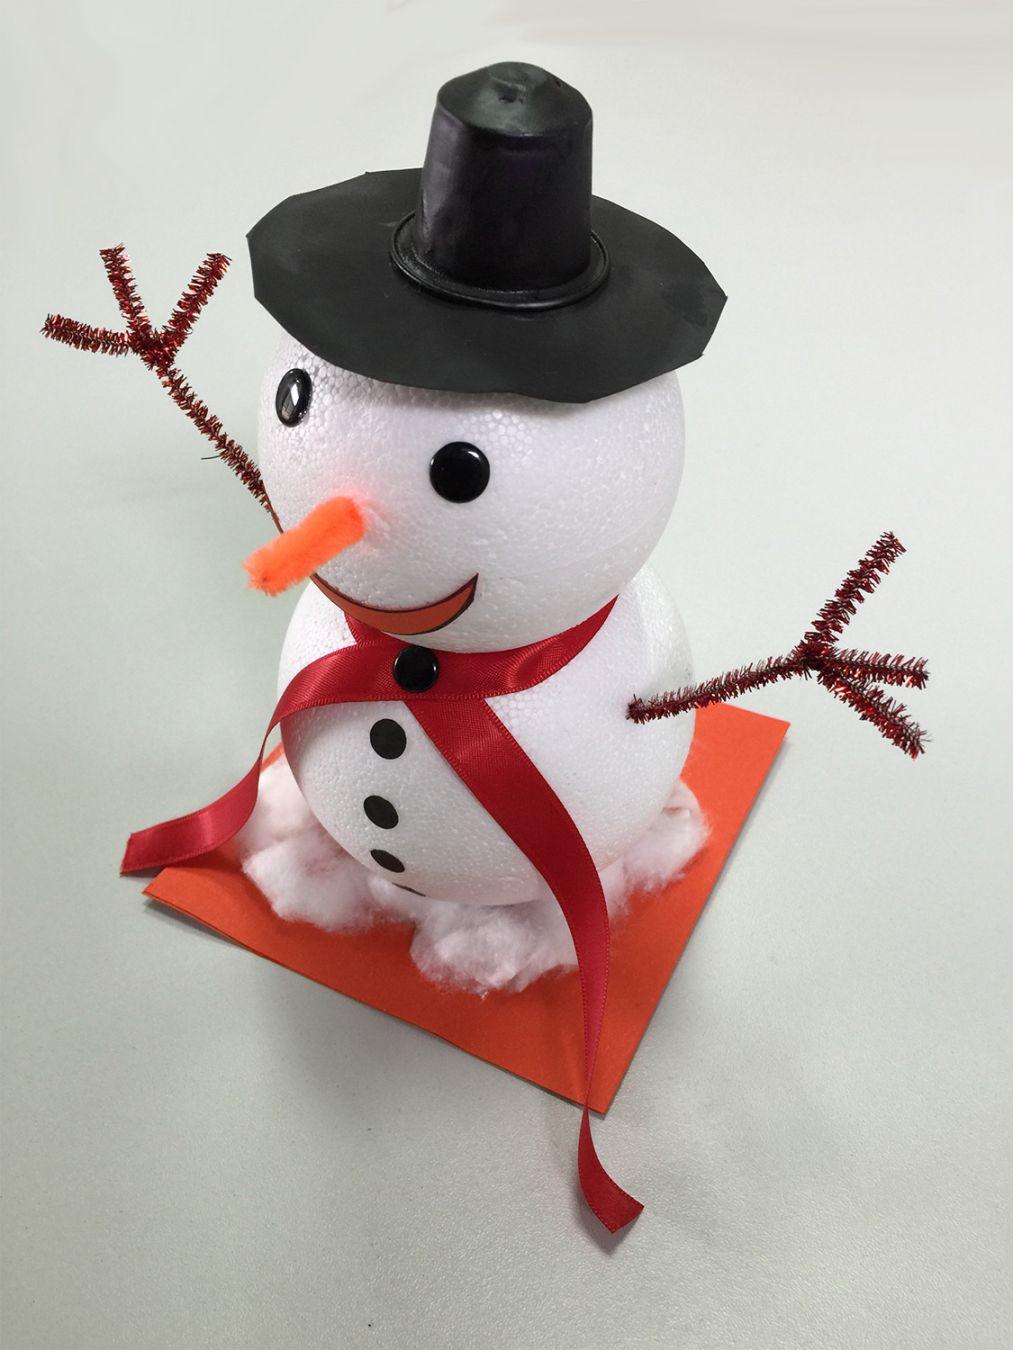 Bonhomme de neige - 2